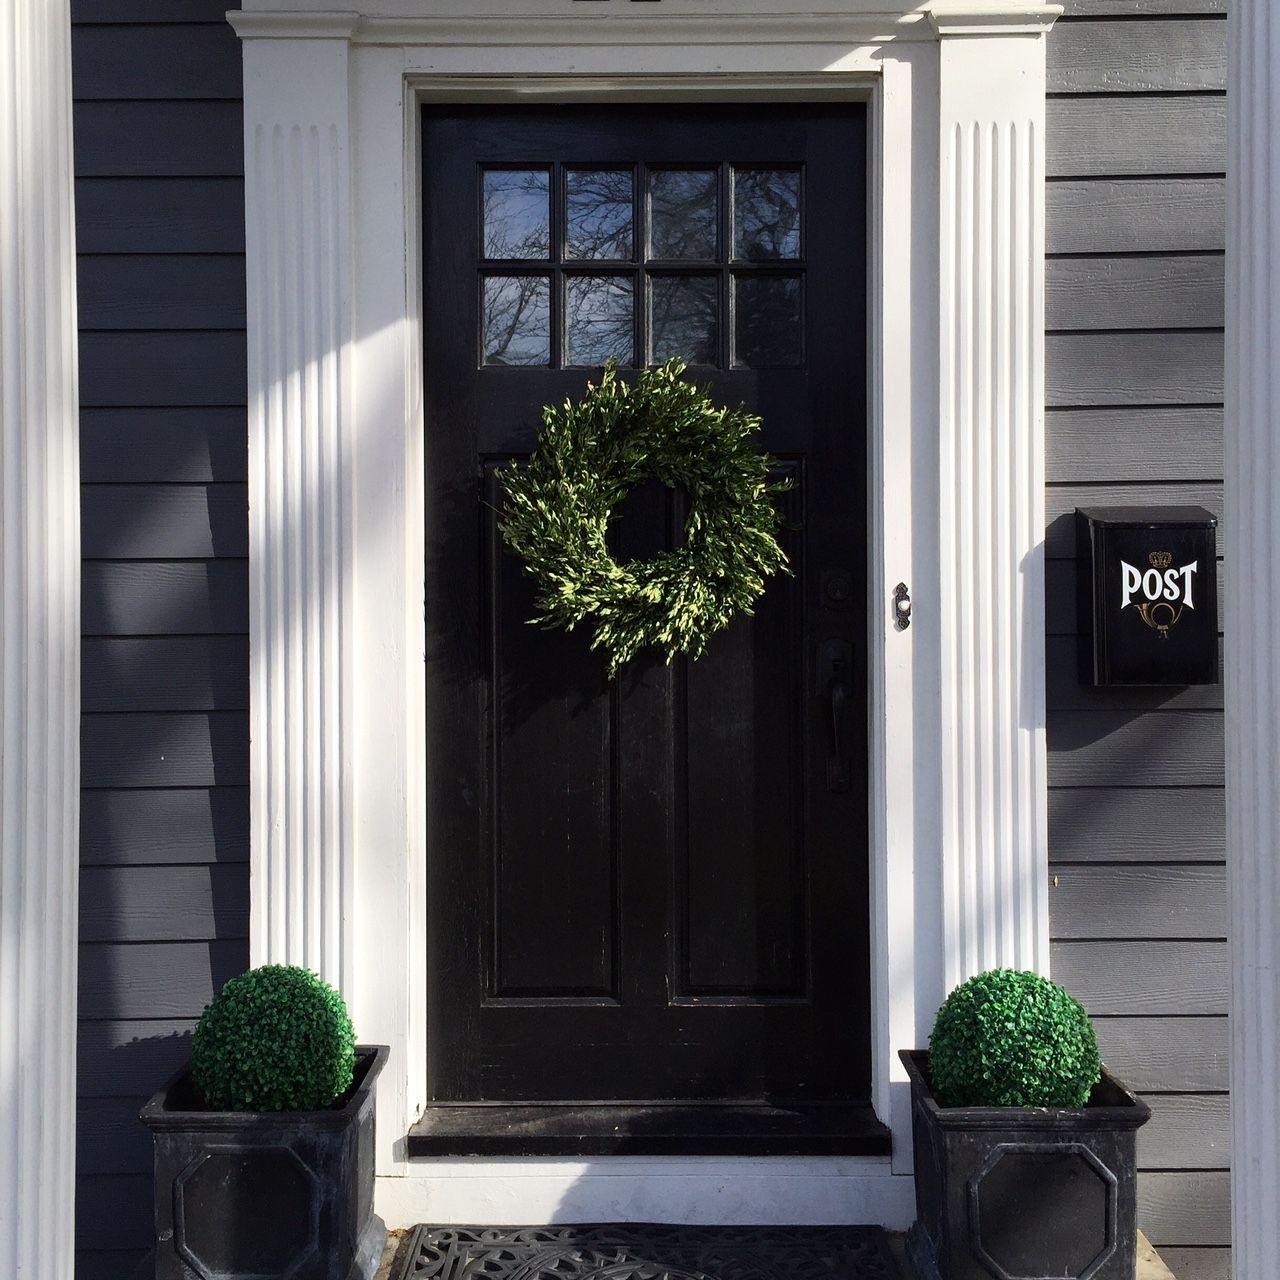 32x74 Mobile Home Storm Door: Craftsman, Front